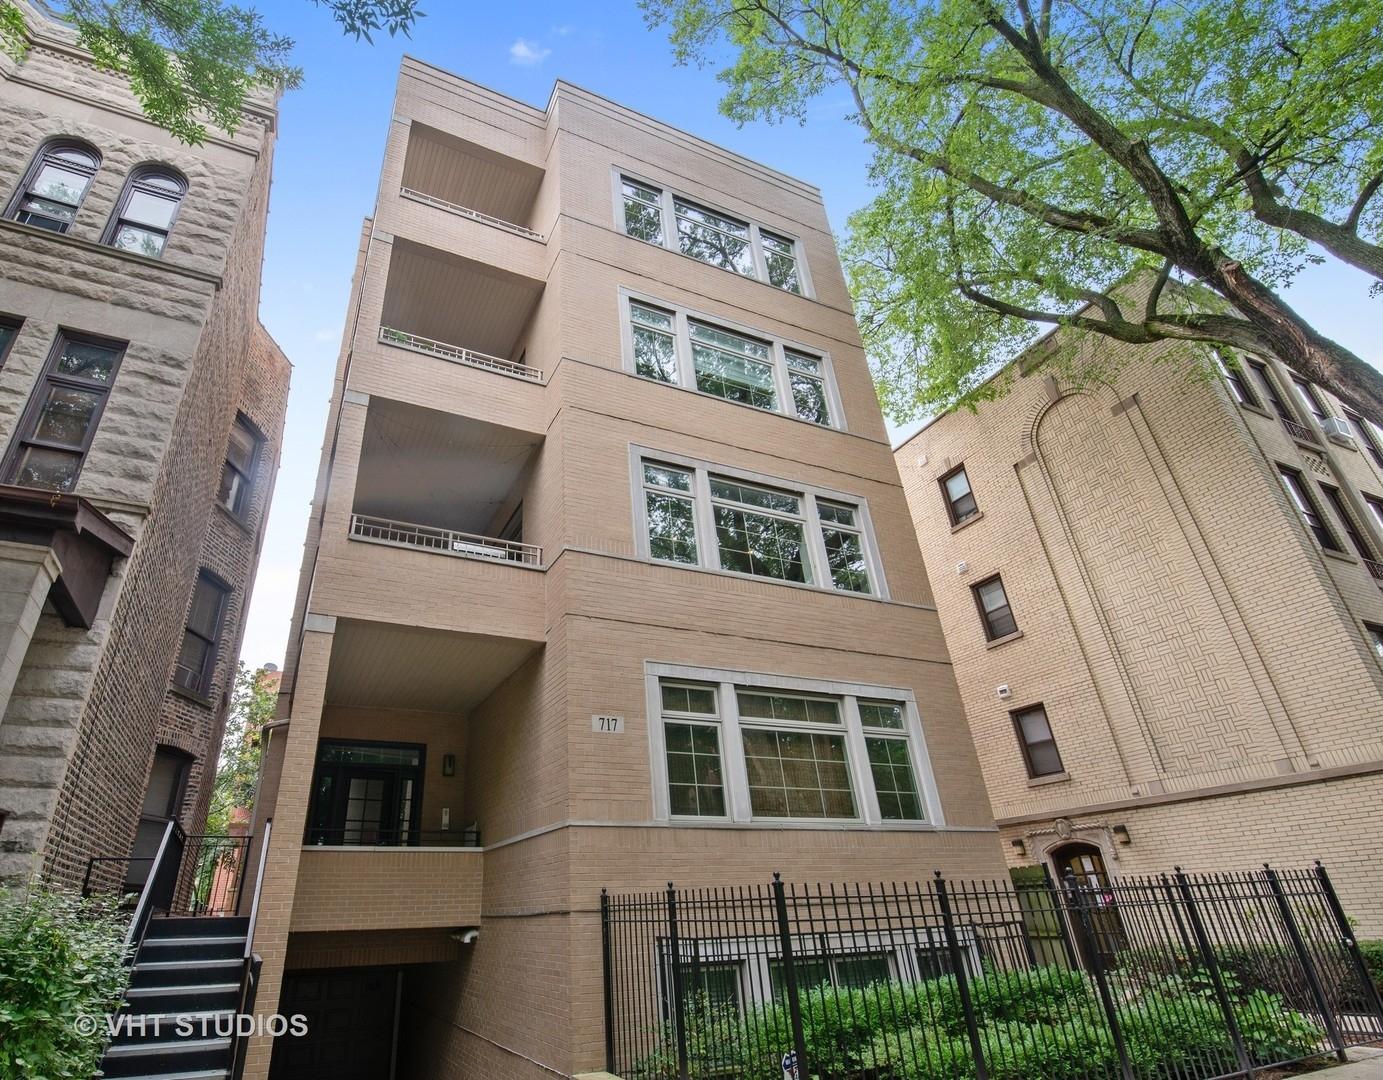 717 W ALDINE Avenue Unit 2, Chicago IL 60657